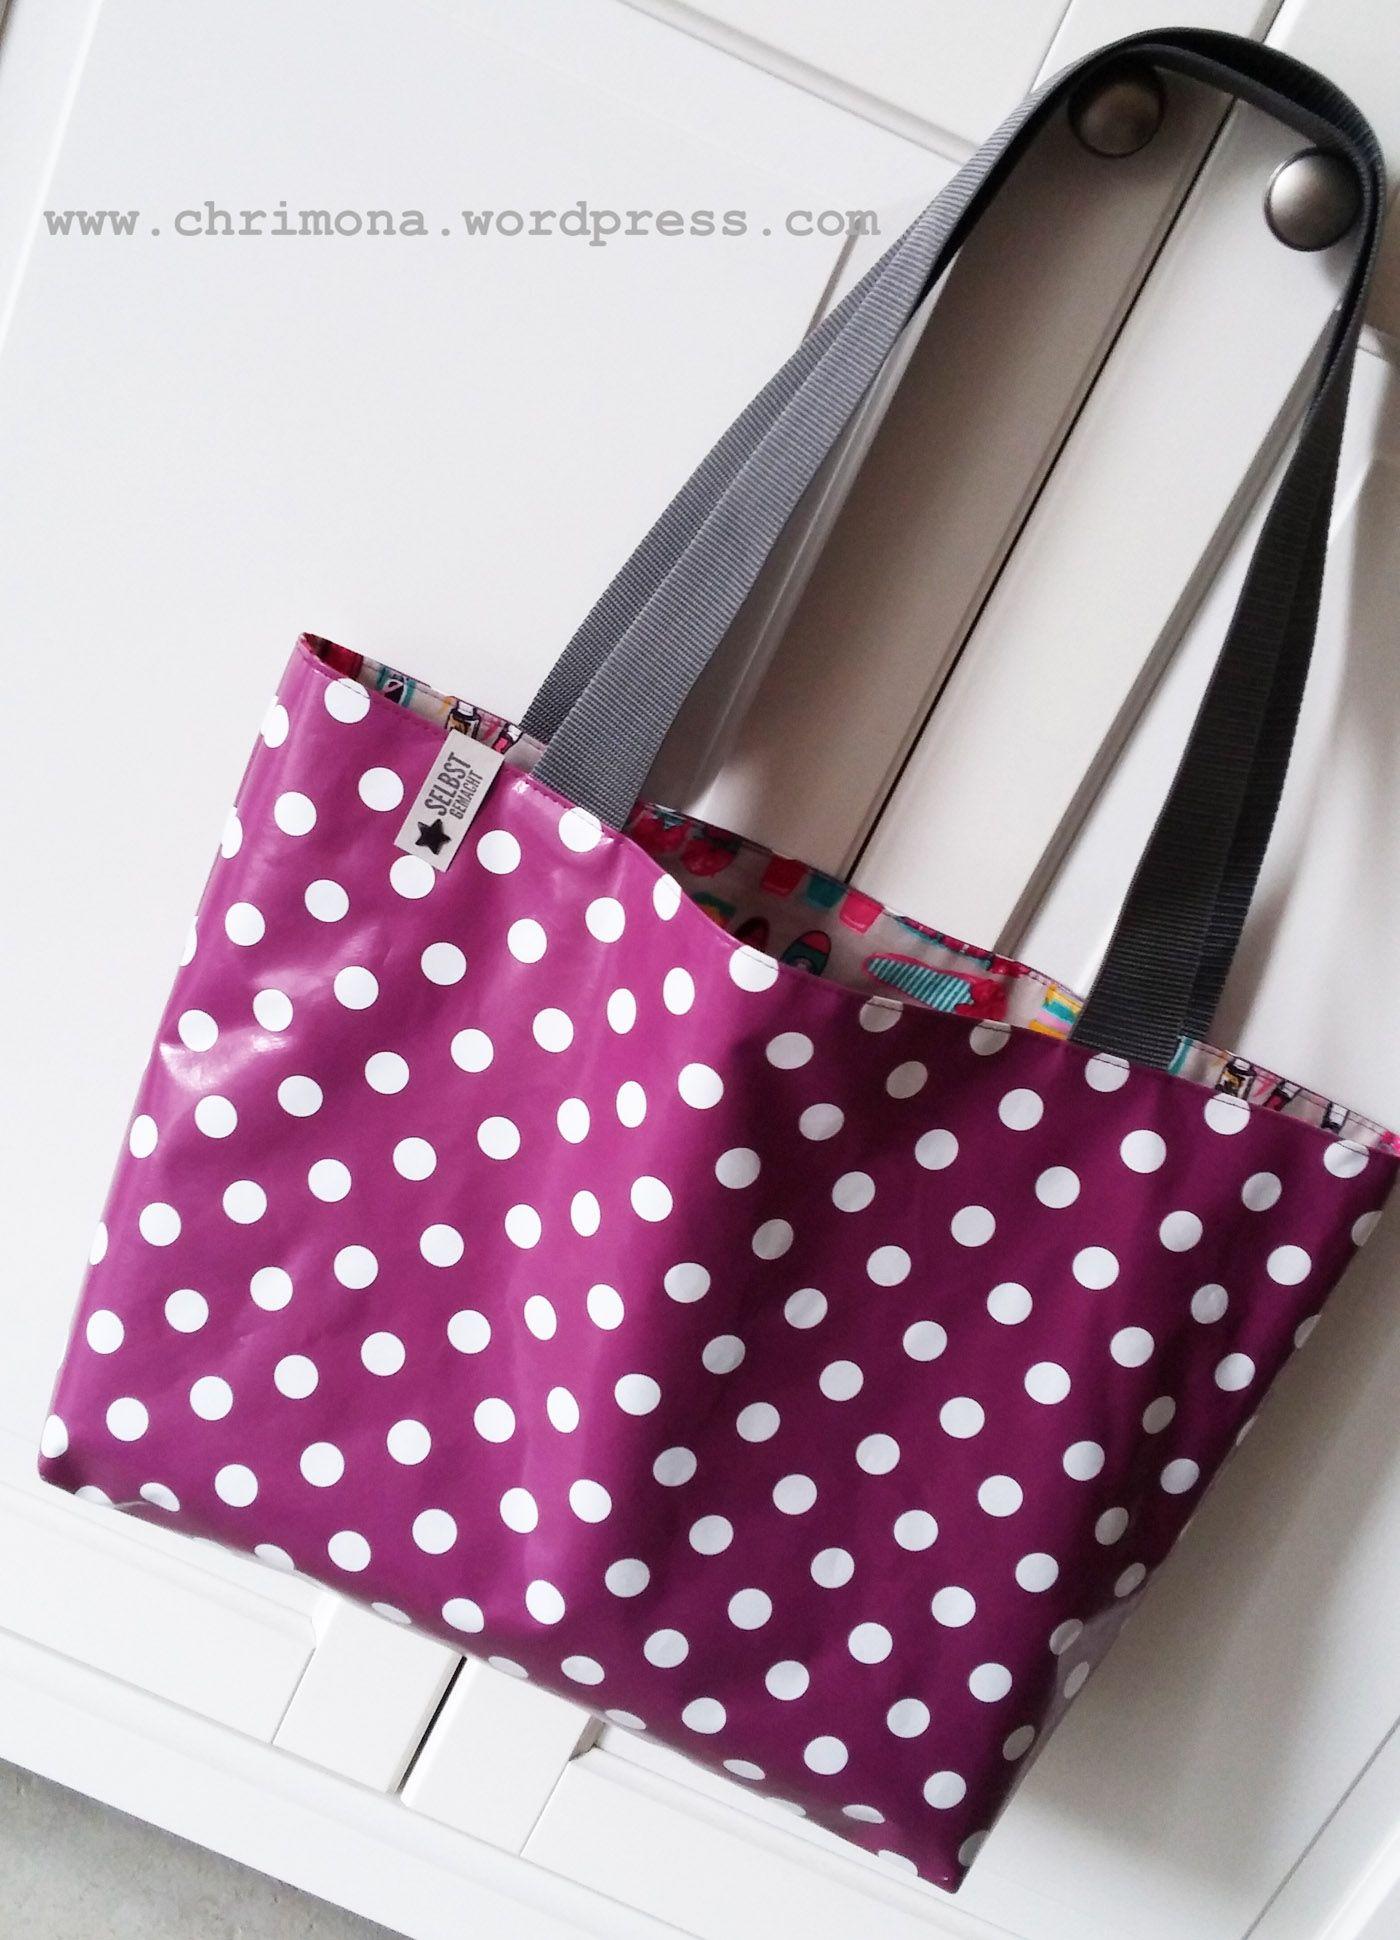 chrimona shopper tasche aus wachstuch mit kostenloser anleitung zum herunterladen. Black Bedroom Furniture Sets. Home Design Ideas